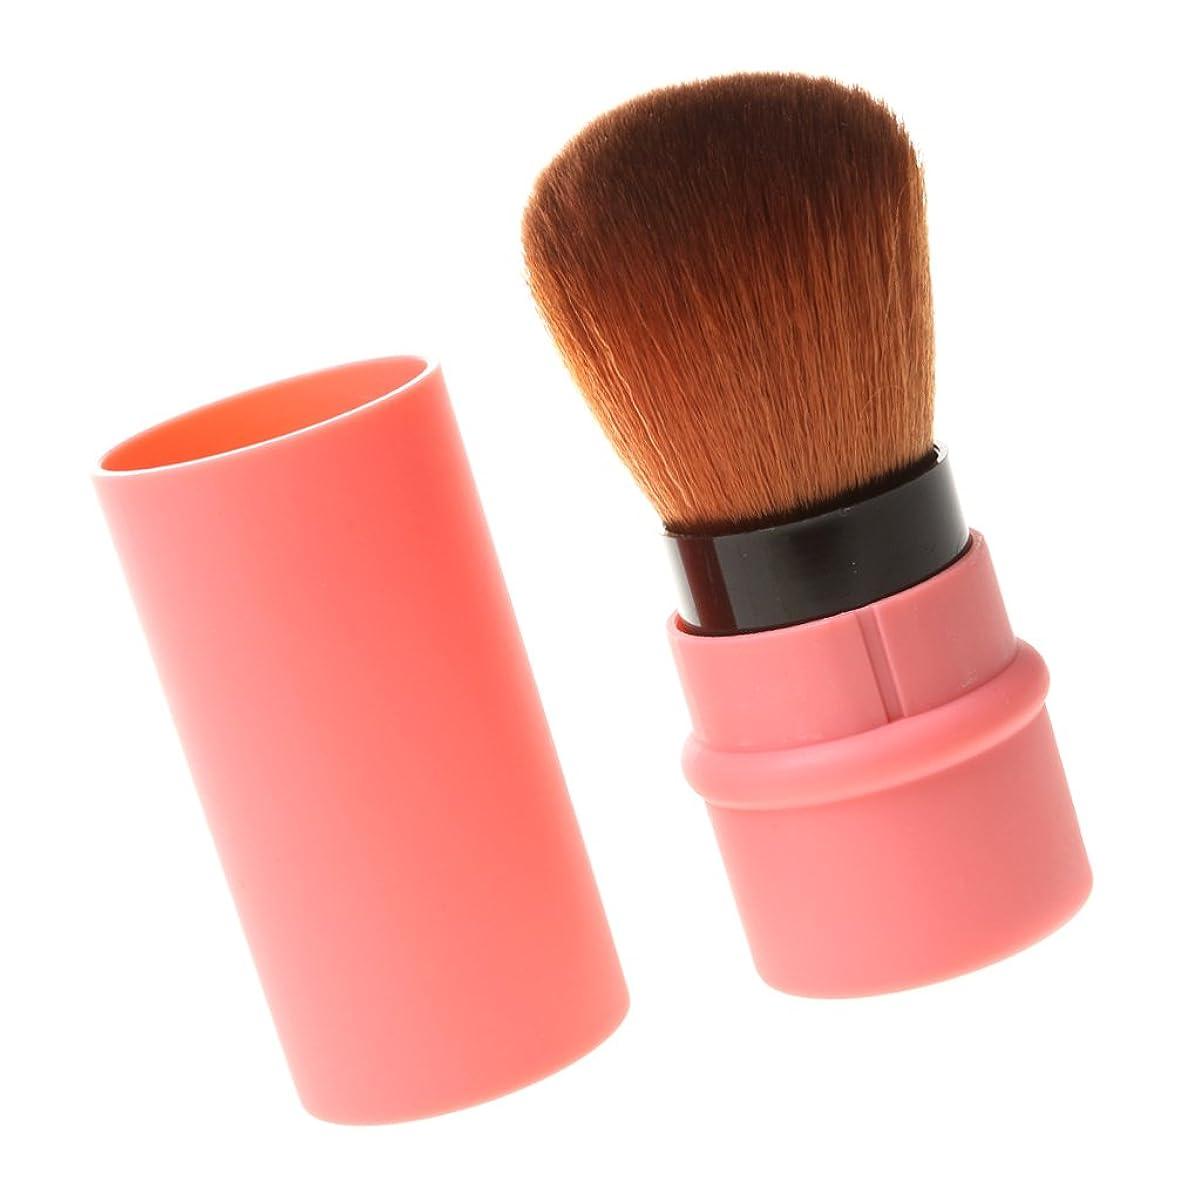 意志宇宙の方法DYNWAVE 旅行リトラクタブルチークブラシ パウダーシャドウブラシ顔 メイクアップ ピンク 全2色 - 赤